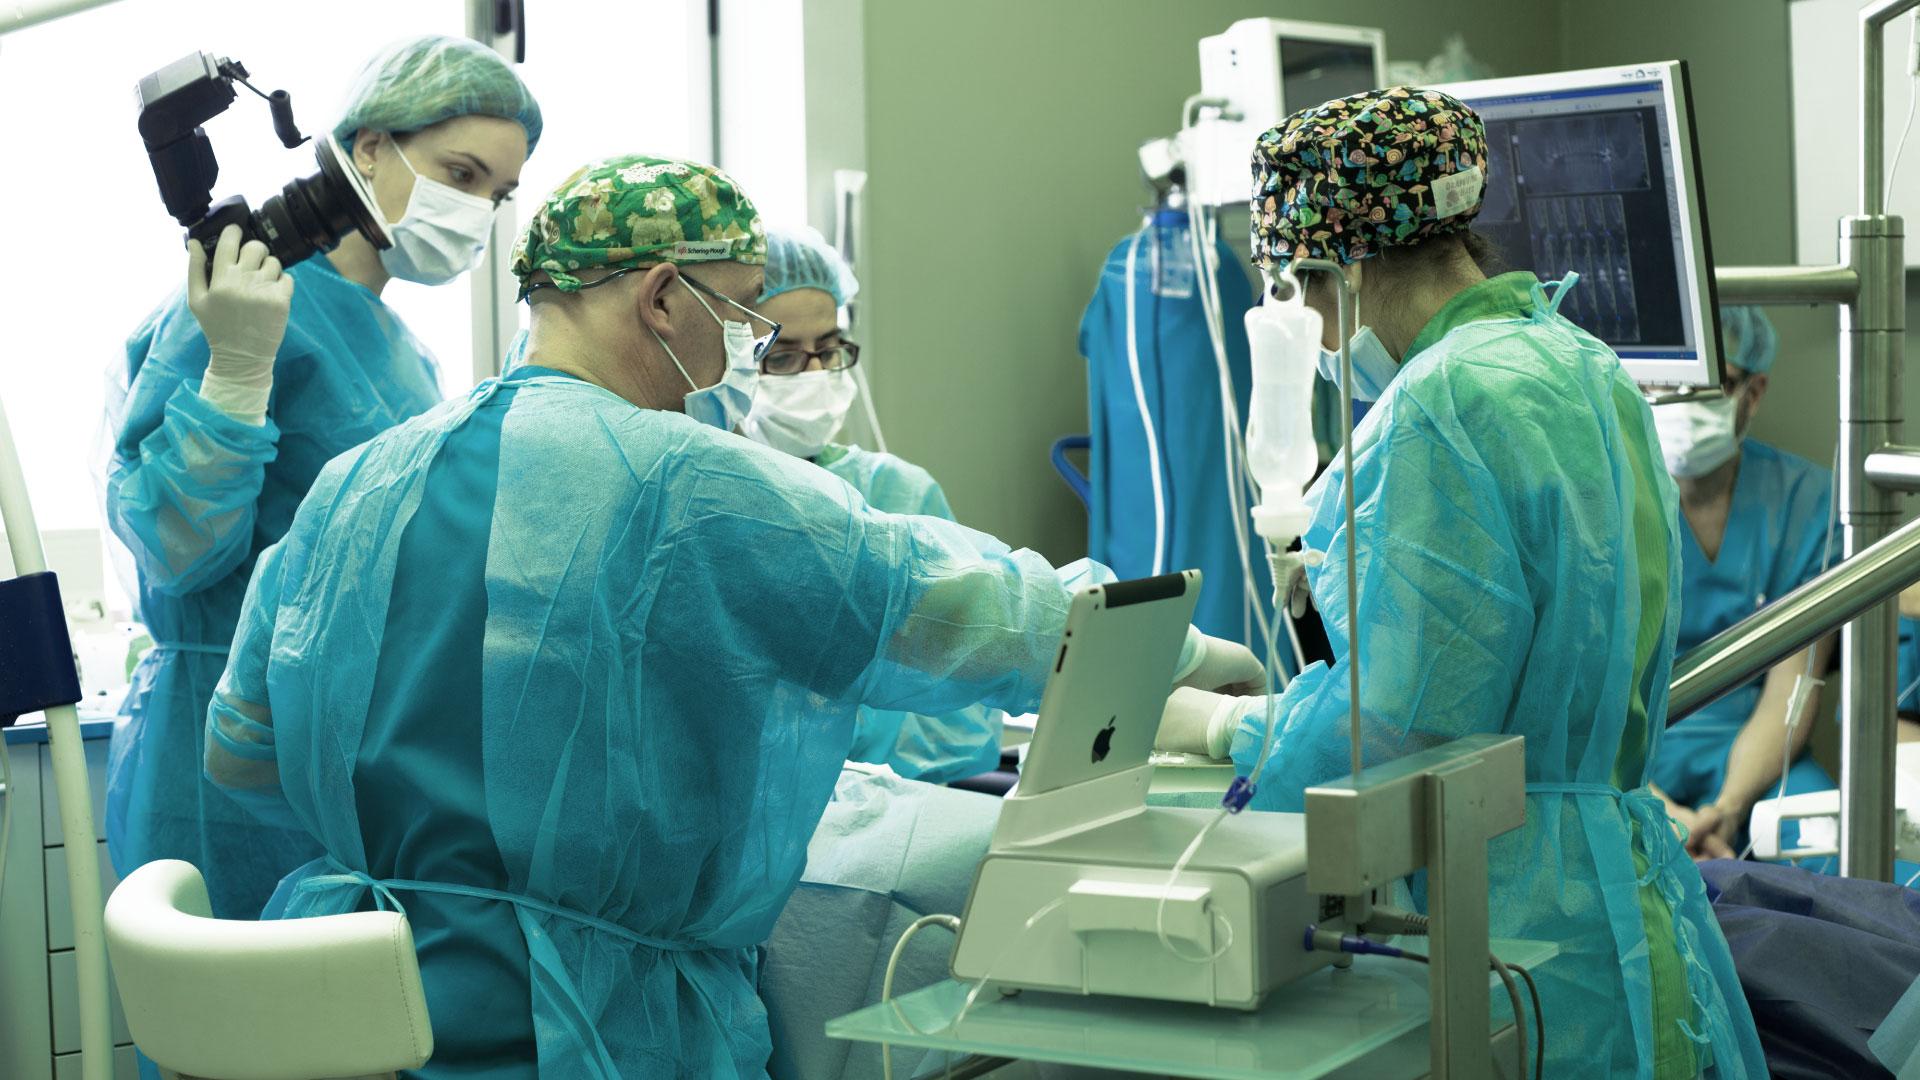 Masterclass Planificación quirúrgica avanzada realizado por nuestros expertos de Alebat Education.